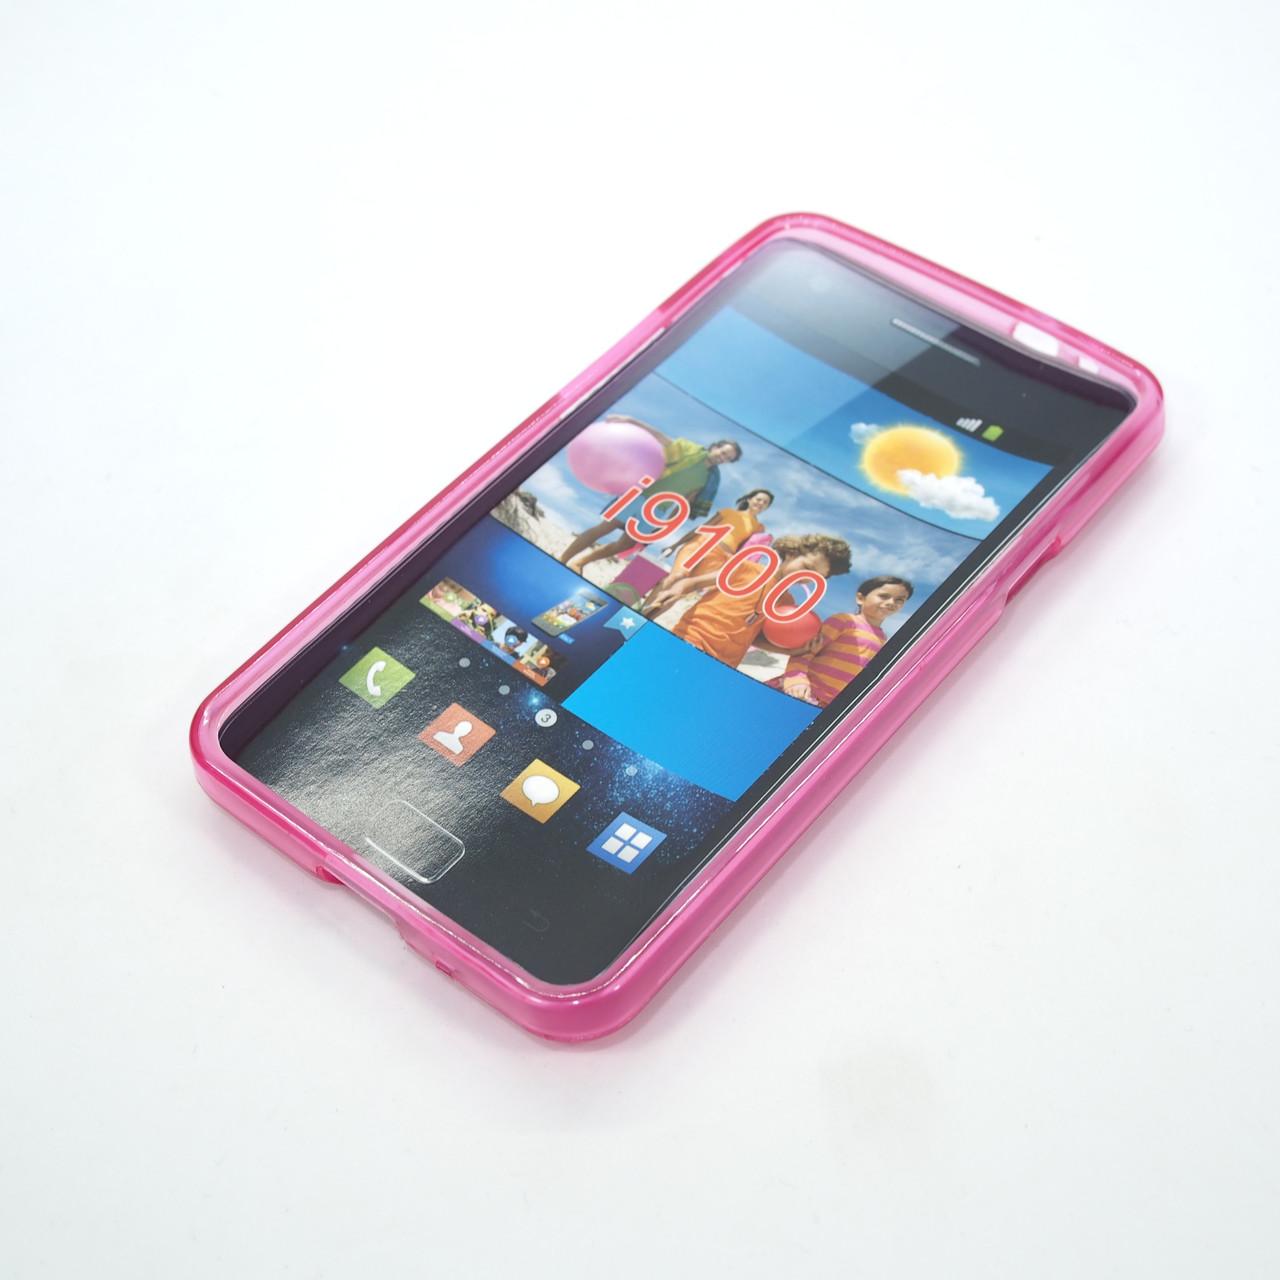 TPU Samsung i9100 pink